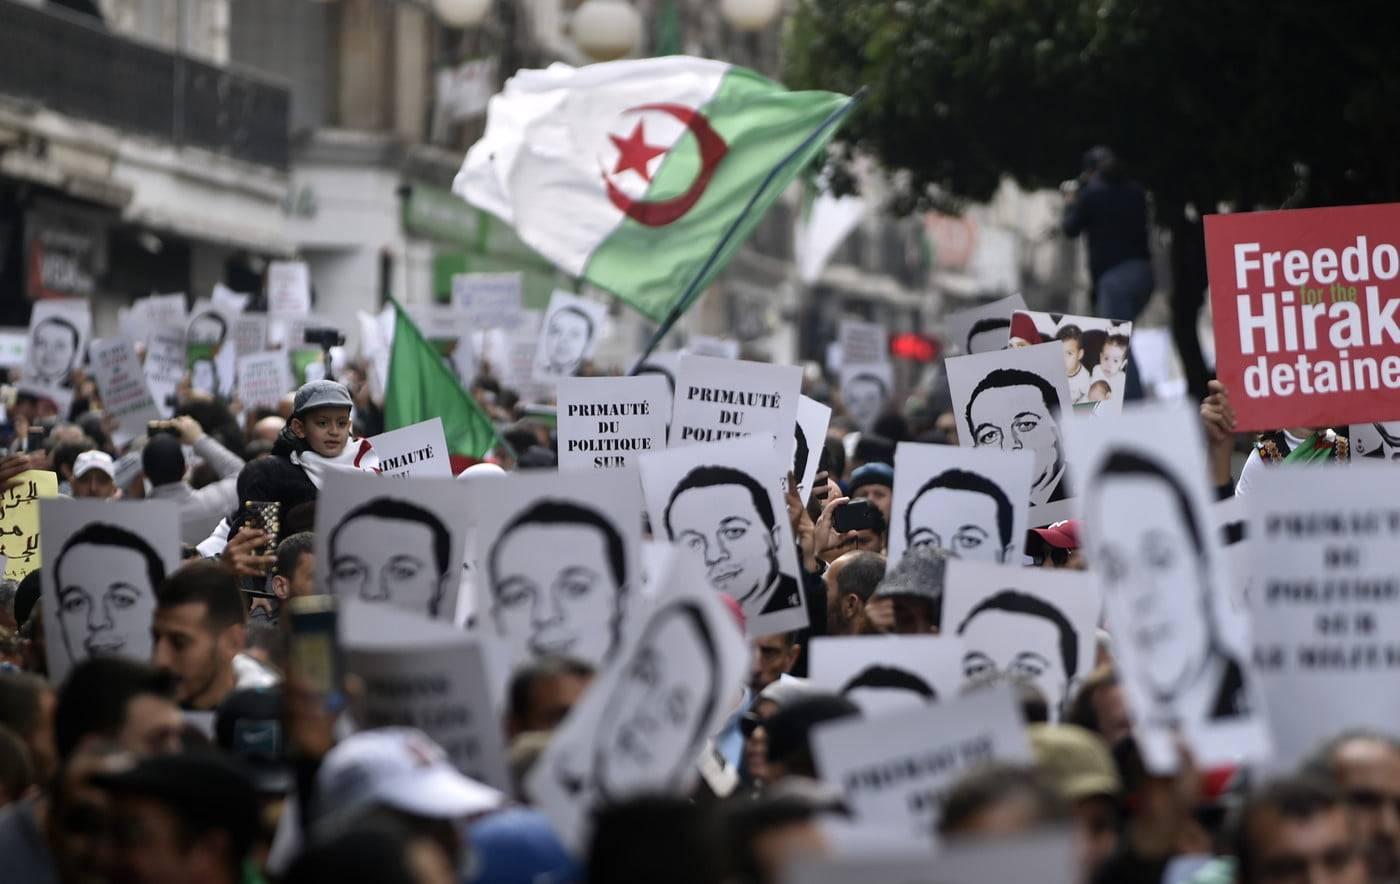 manifestants-algeriens-brandissent-portrait-Ramdane-Abane-ancien-dirigeant-mouvement-independance-27-decembre-2019-Alger_0_1400_884